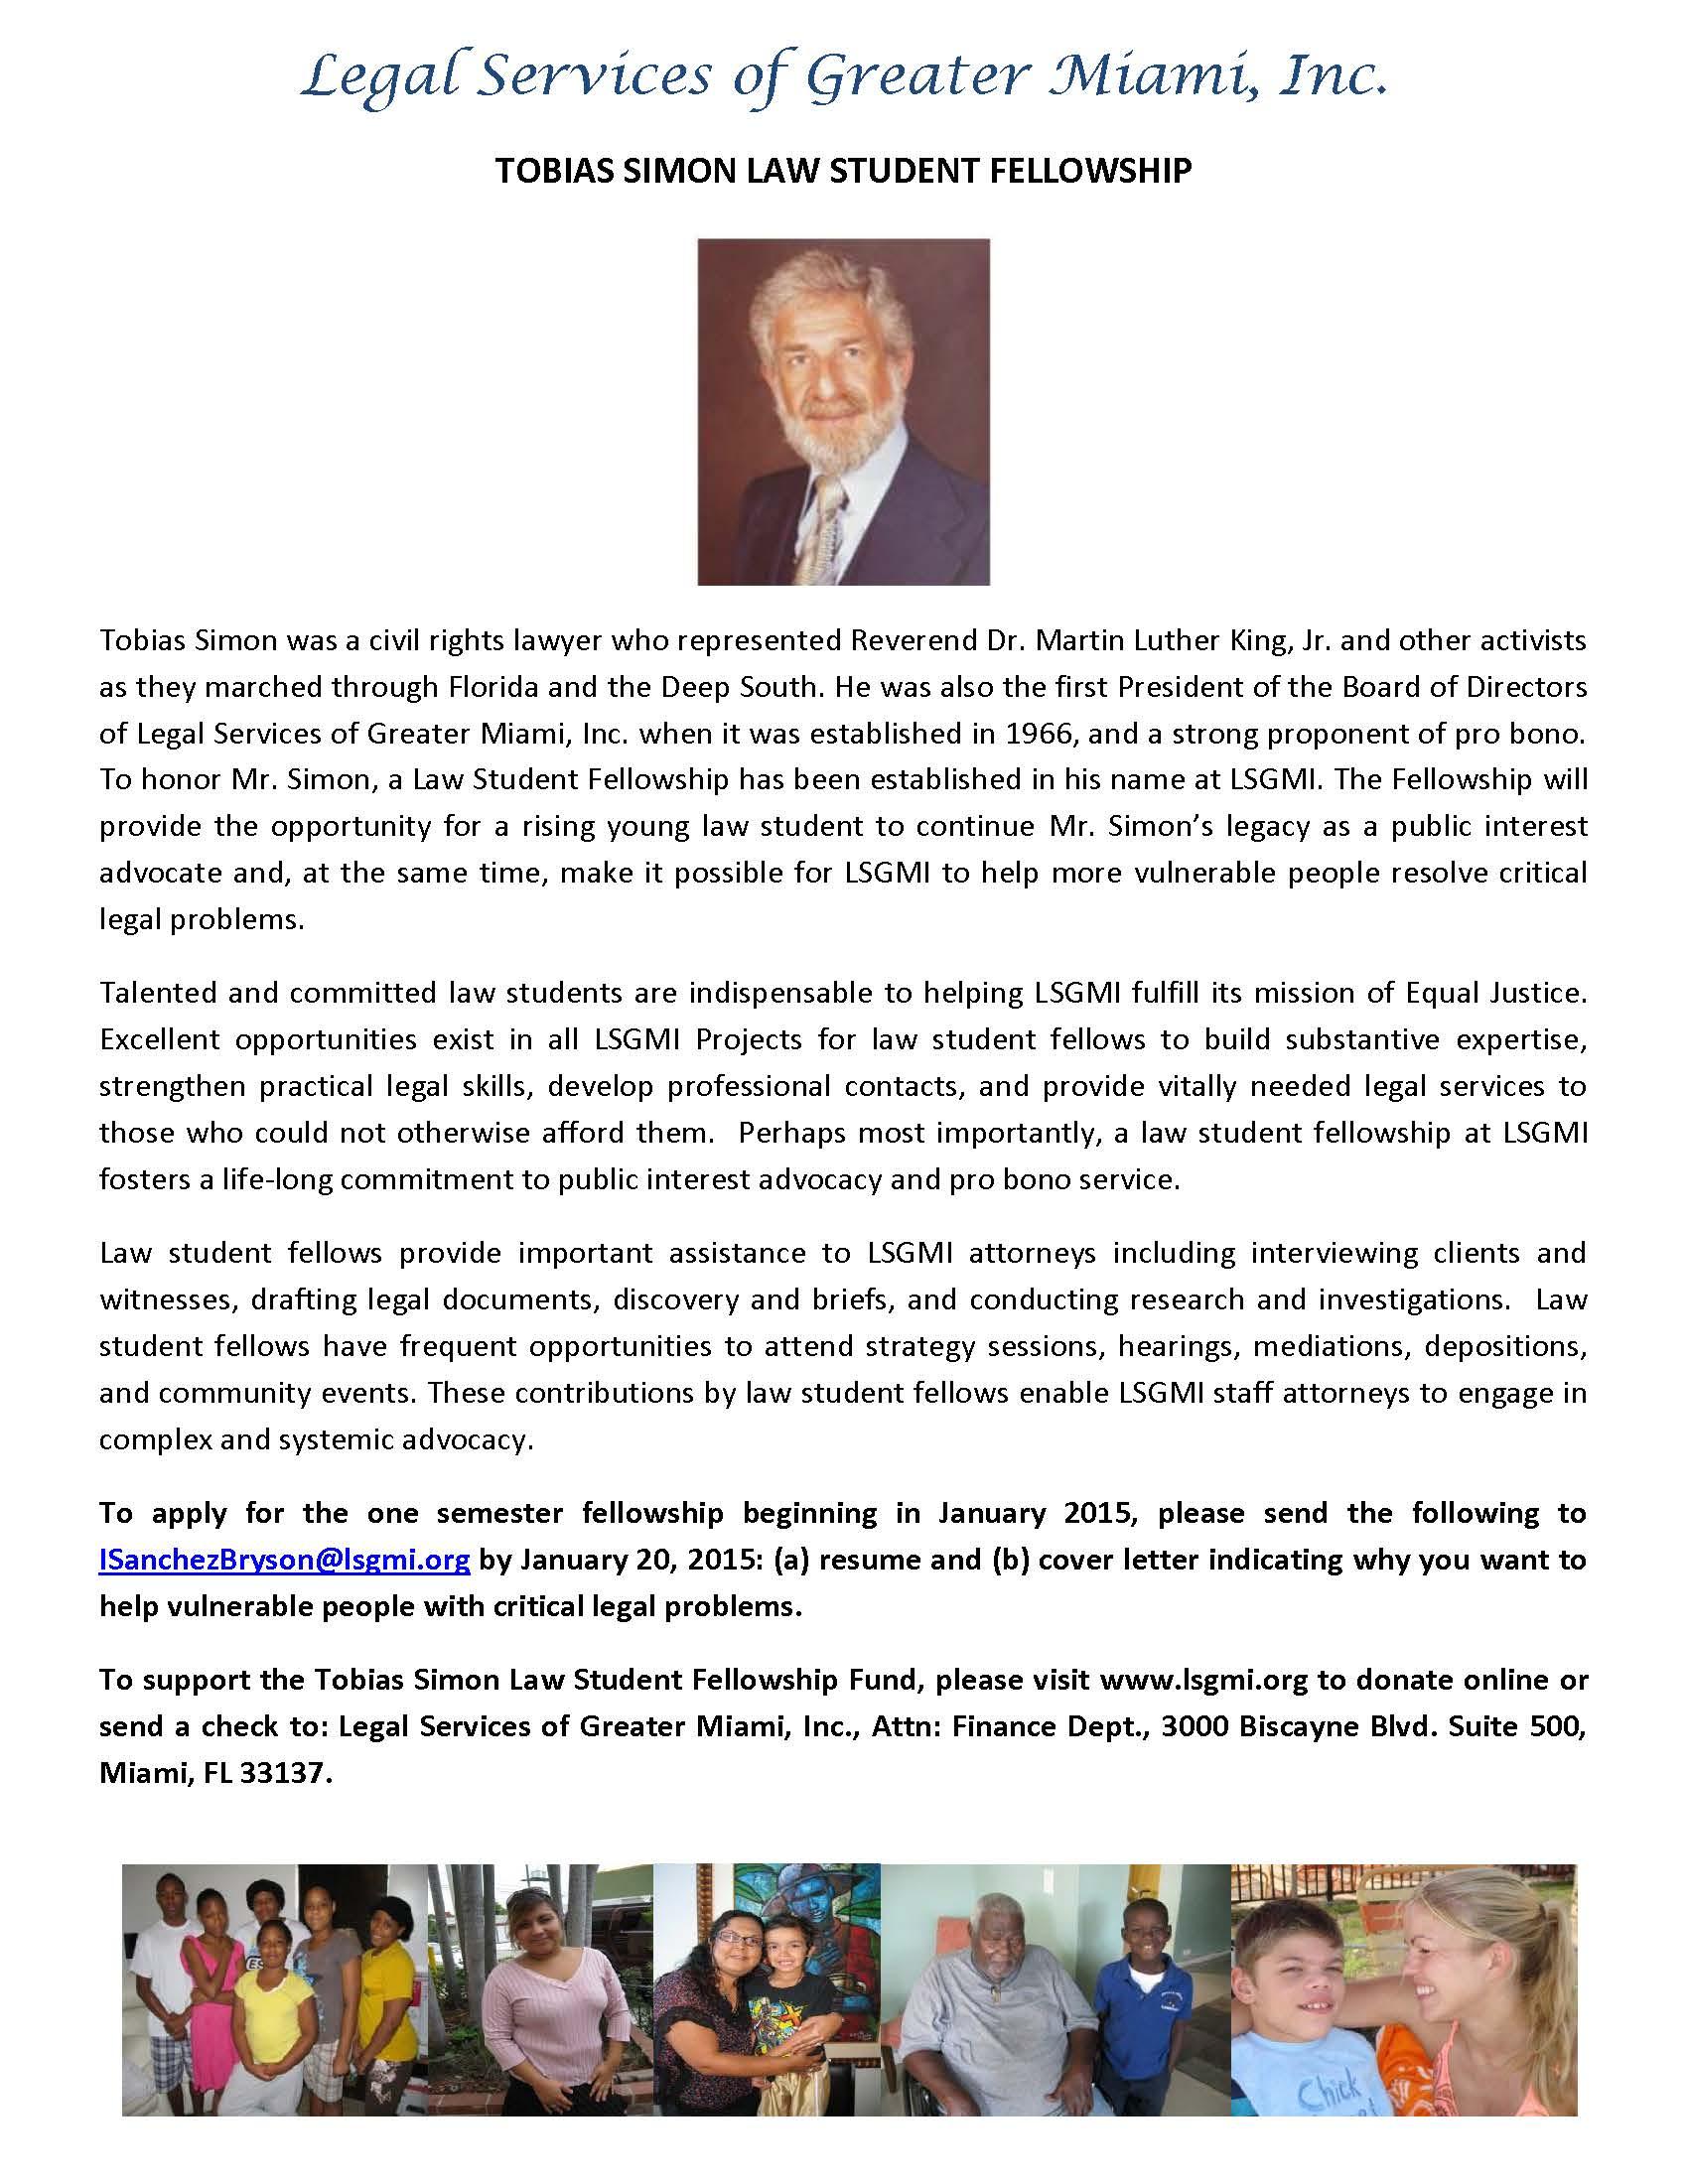 LSGMI Tobias Simon Law Student Fellowship